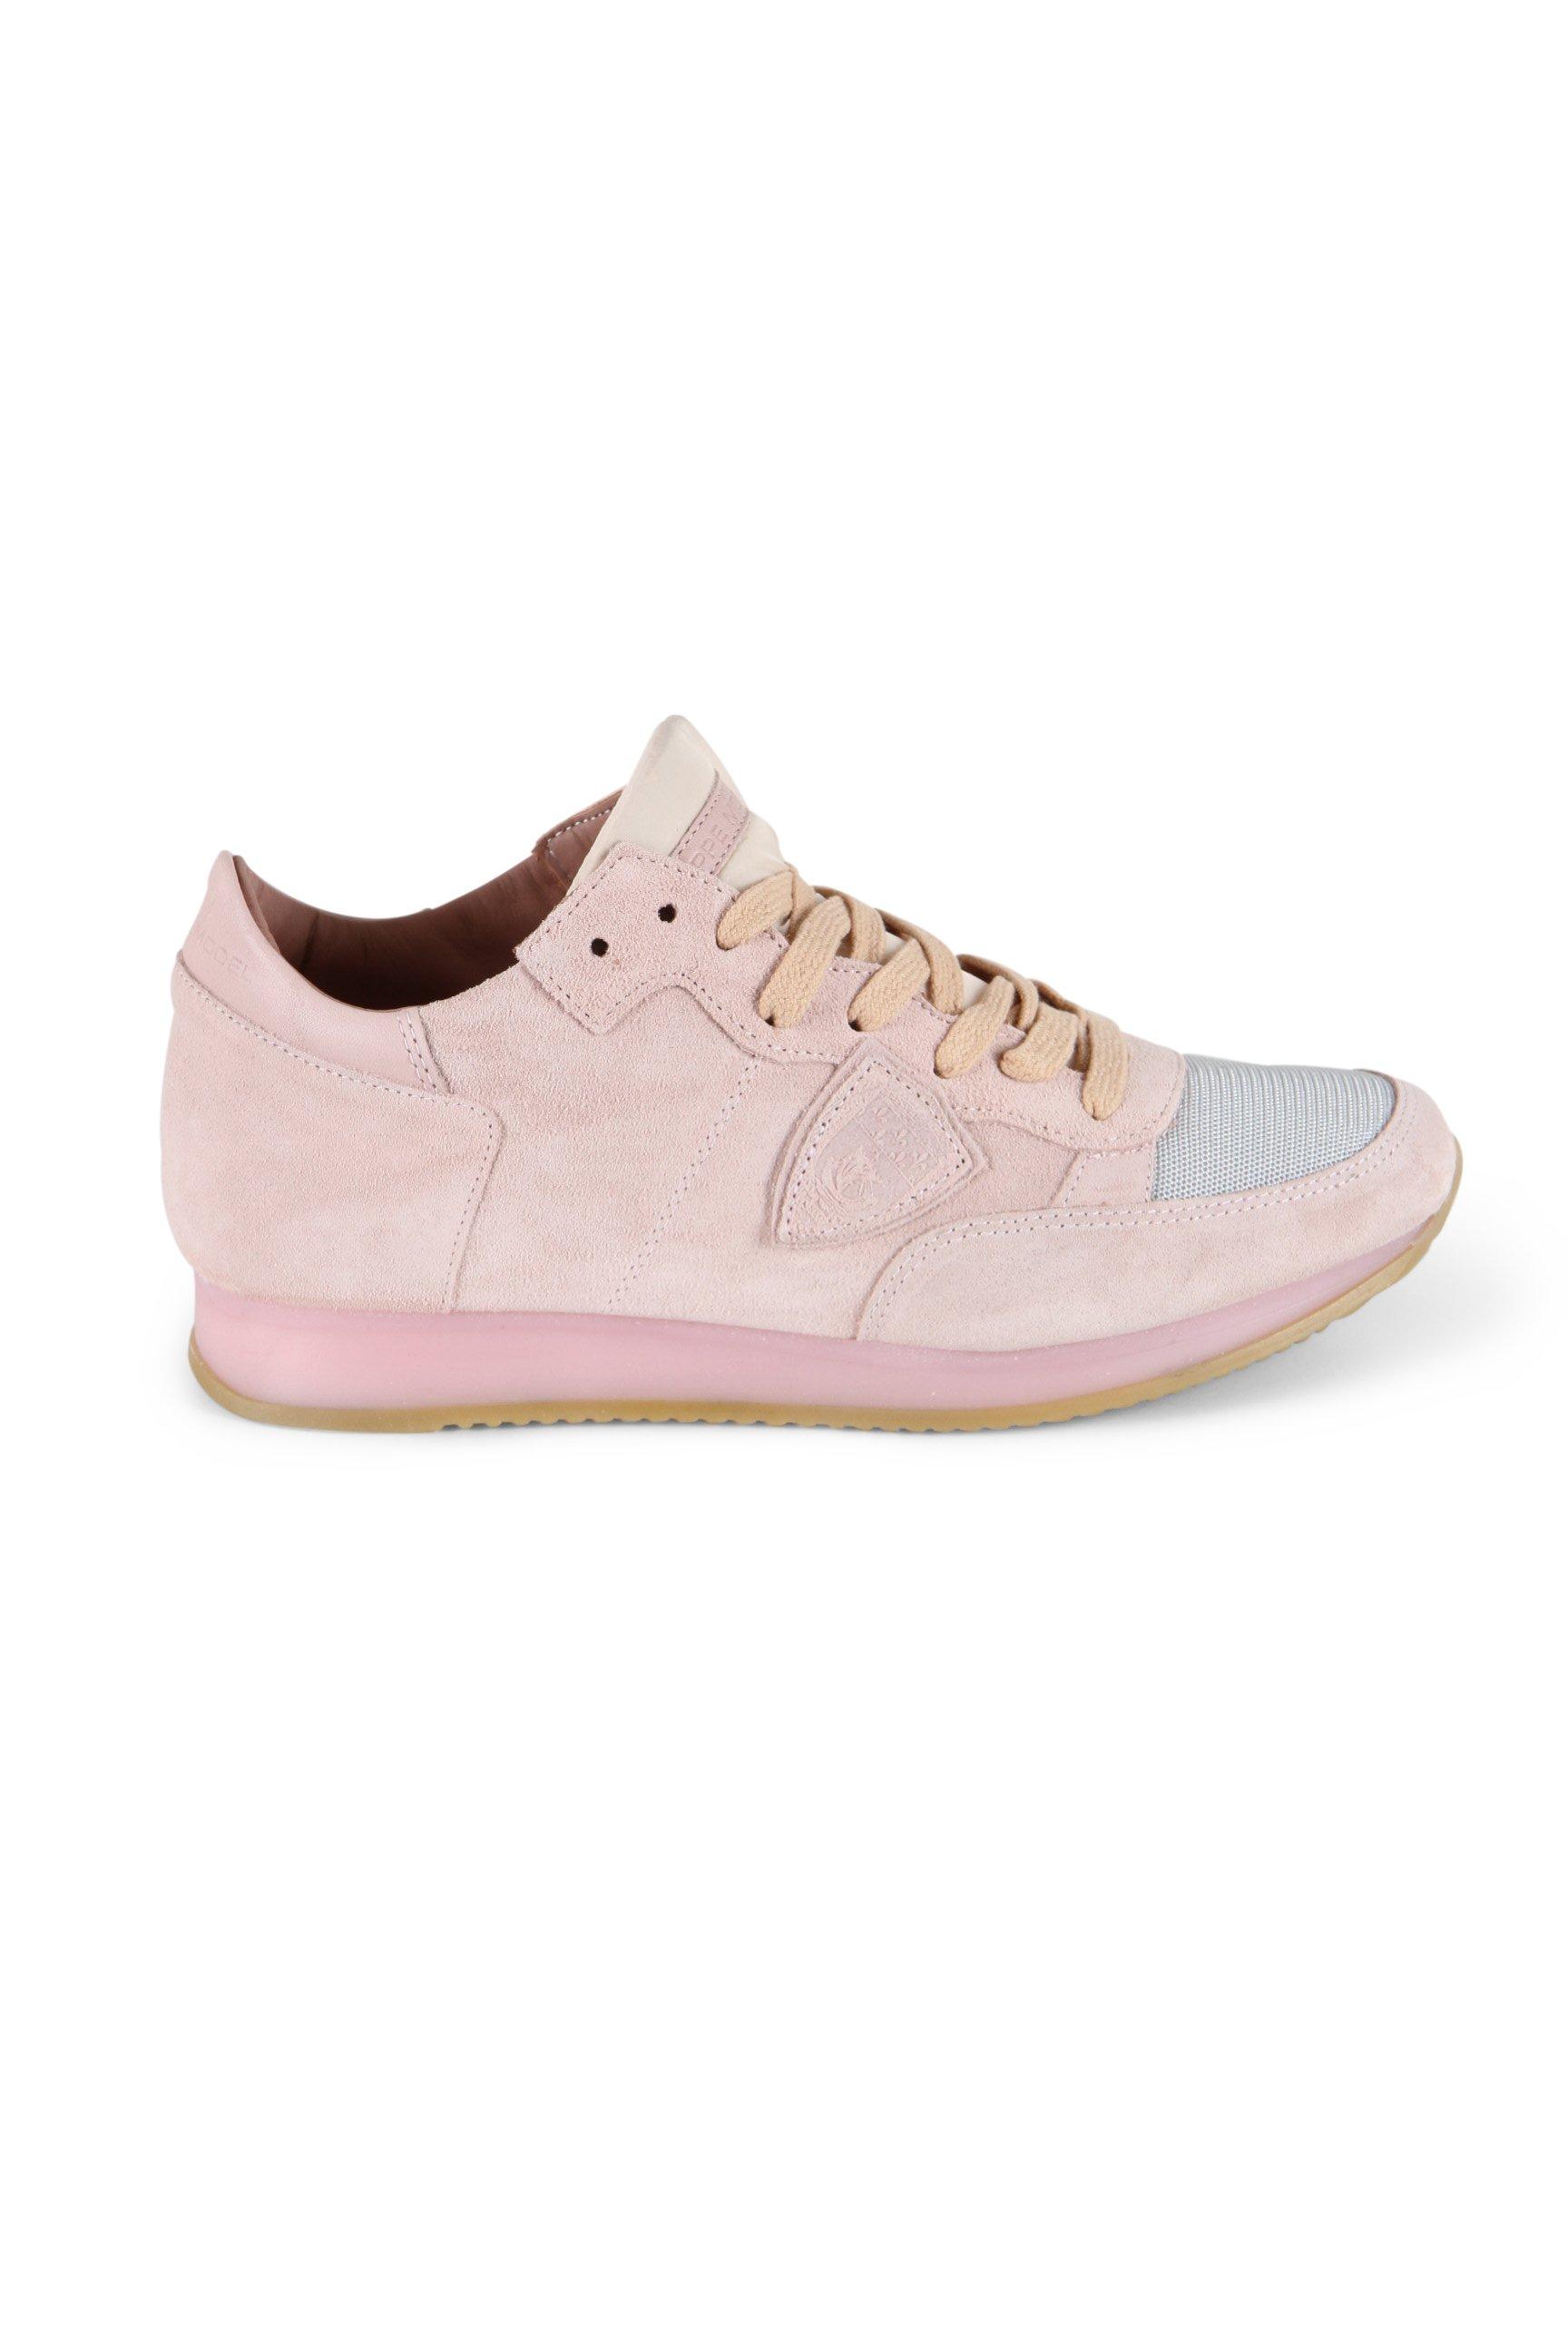 Philippe Model Sneaker Tropez L D - suede rose versandkostenfrei bestellen!    kleiderschrank 2b5759617f